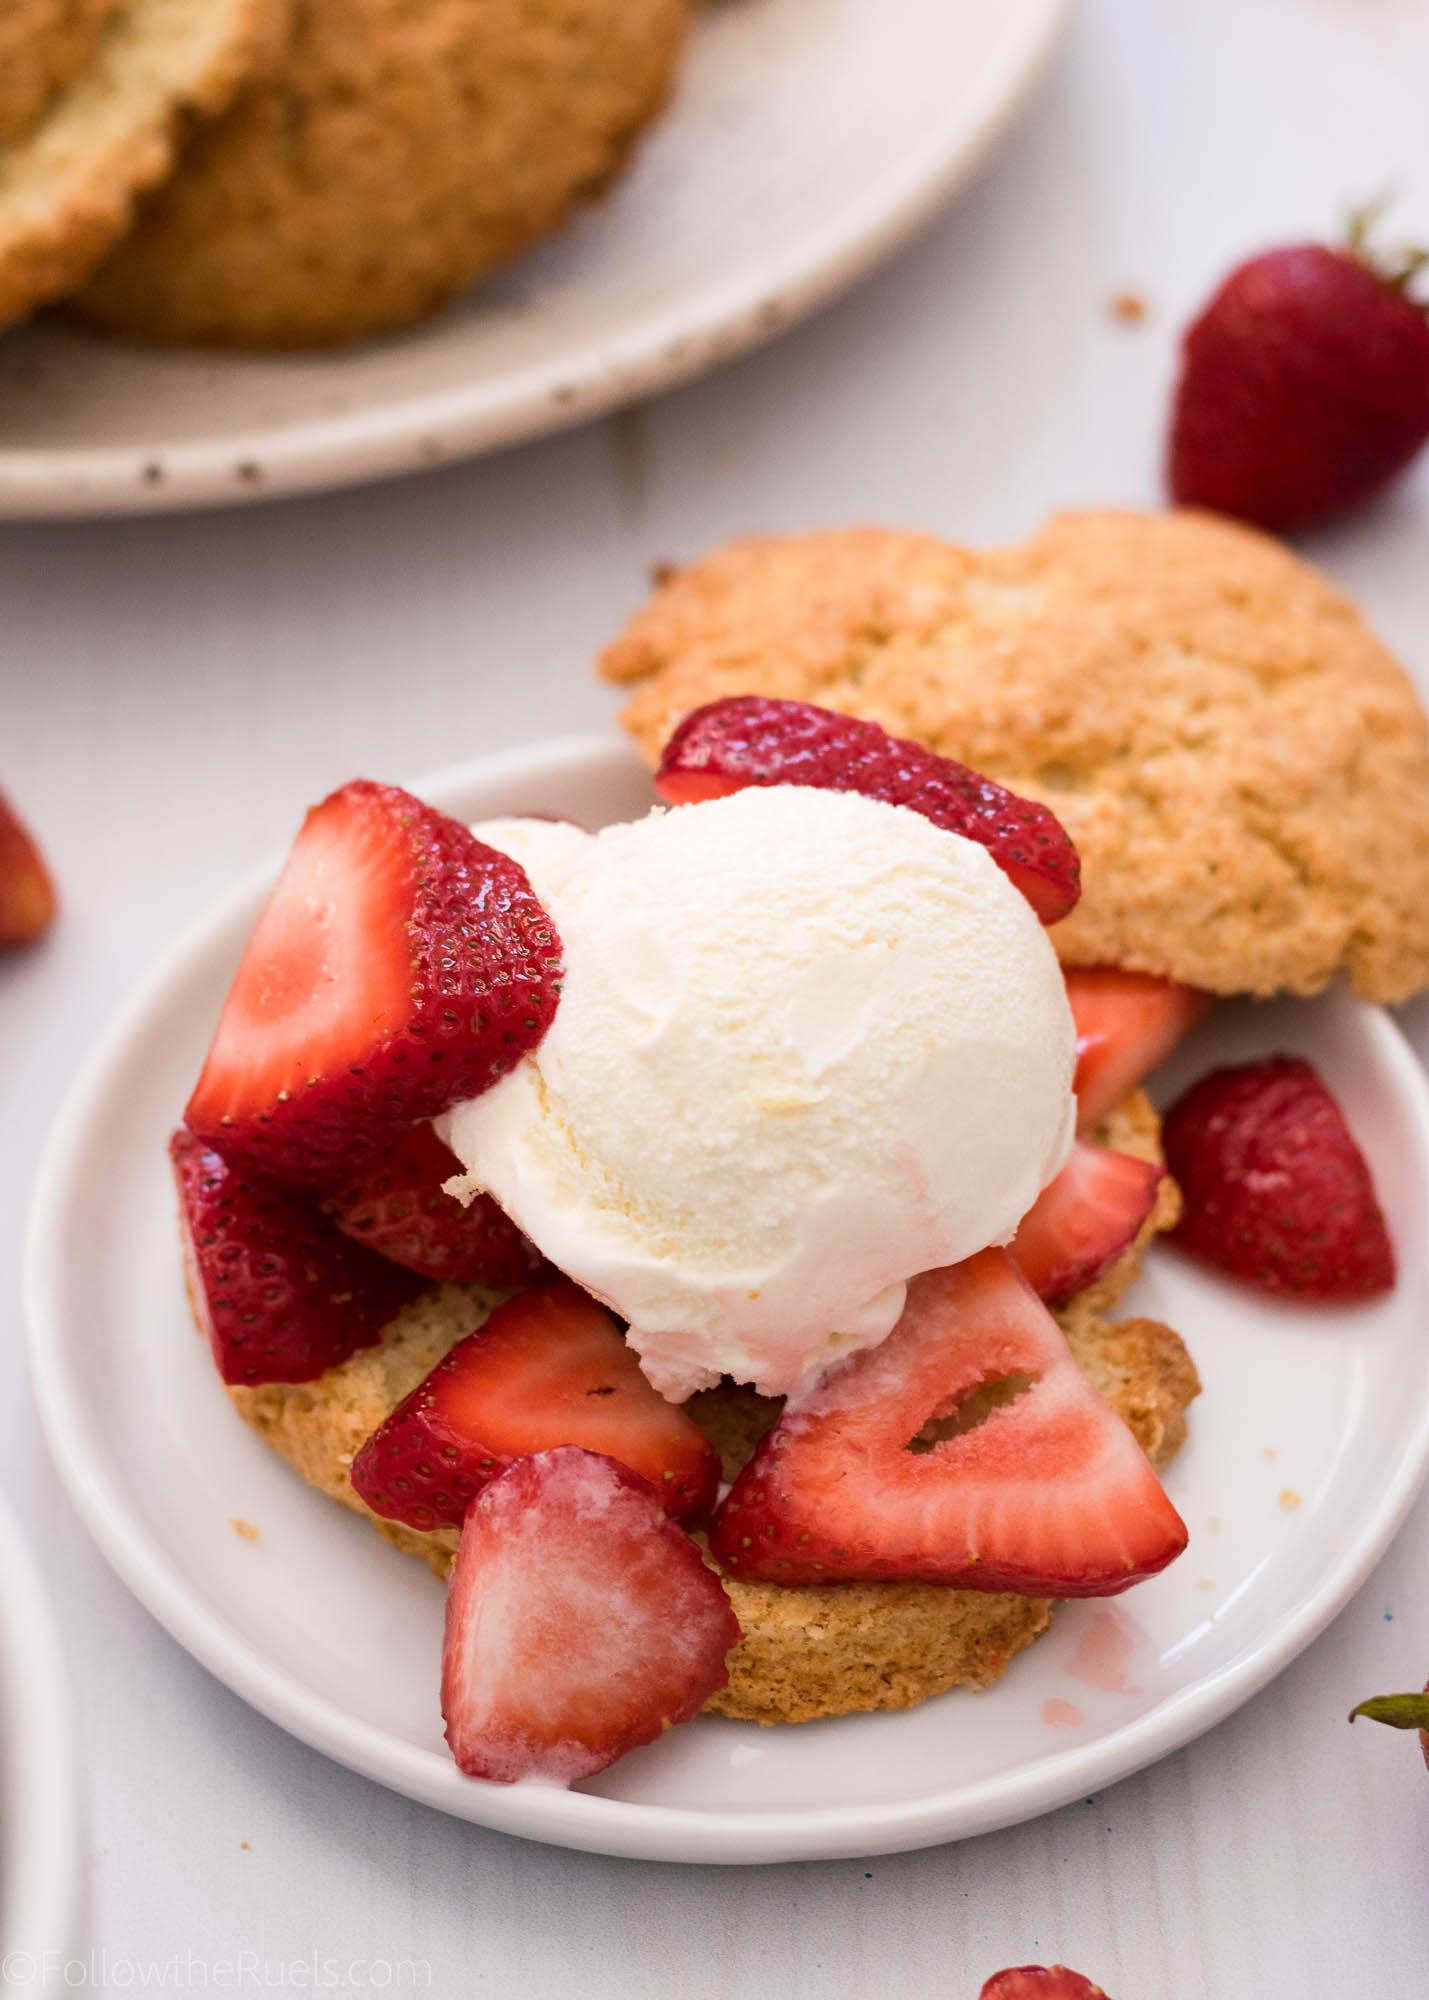 Strawberry-Shortcake-13.jpg